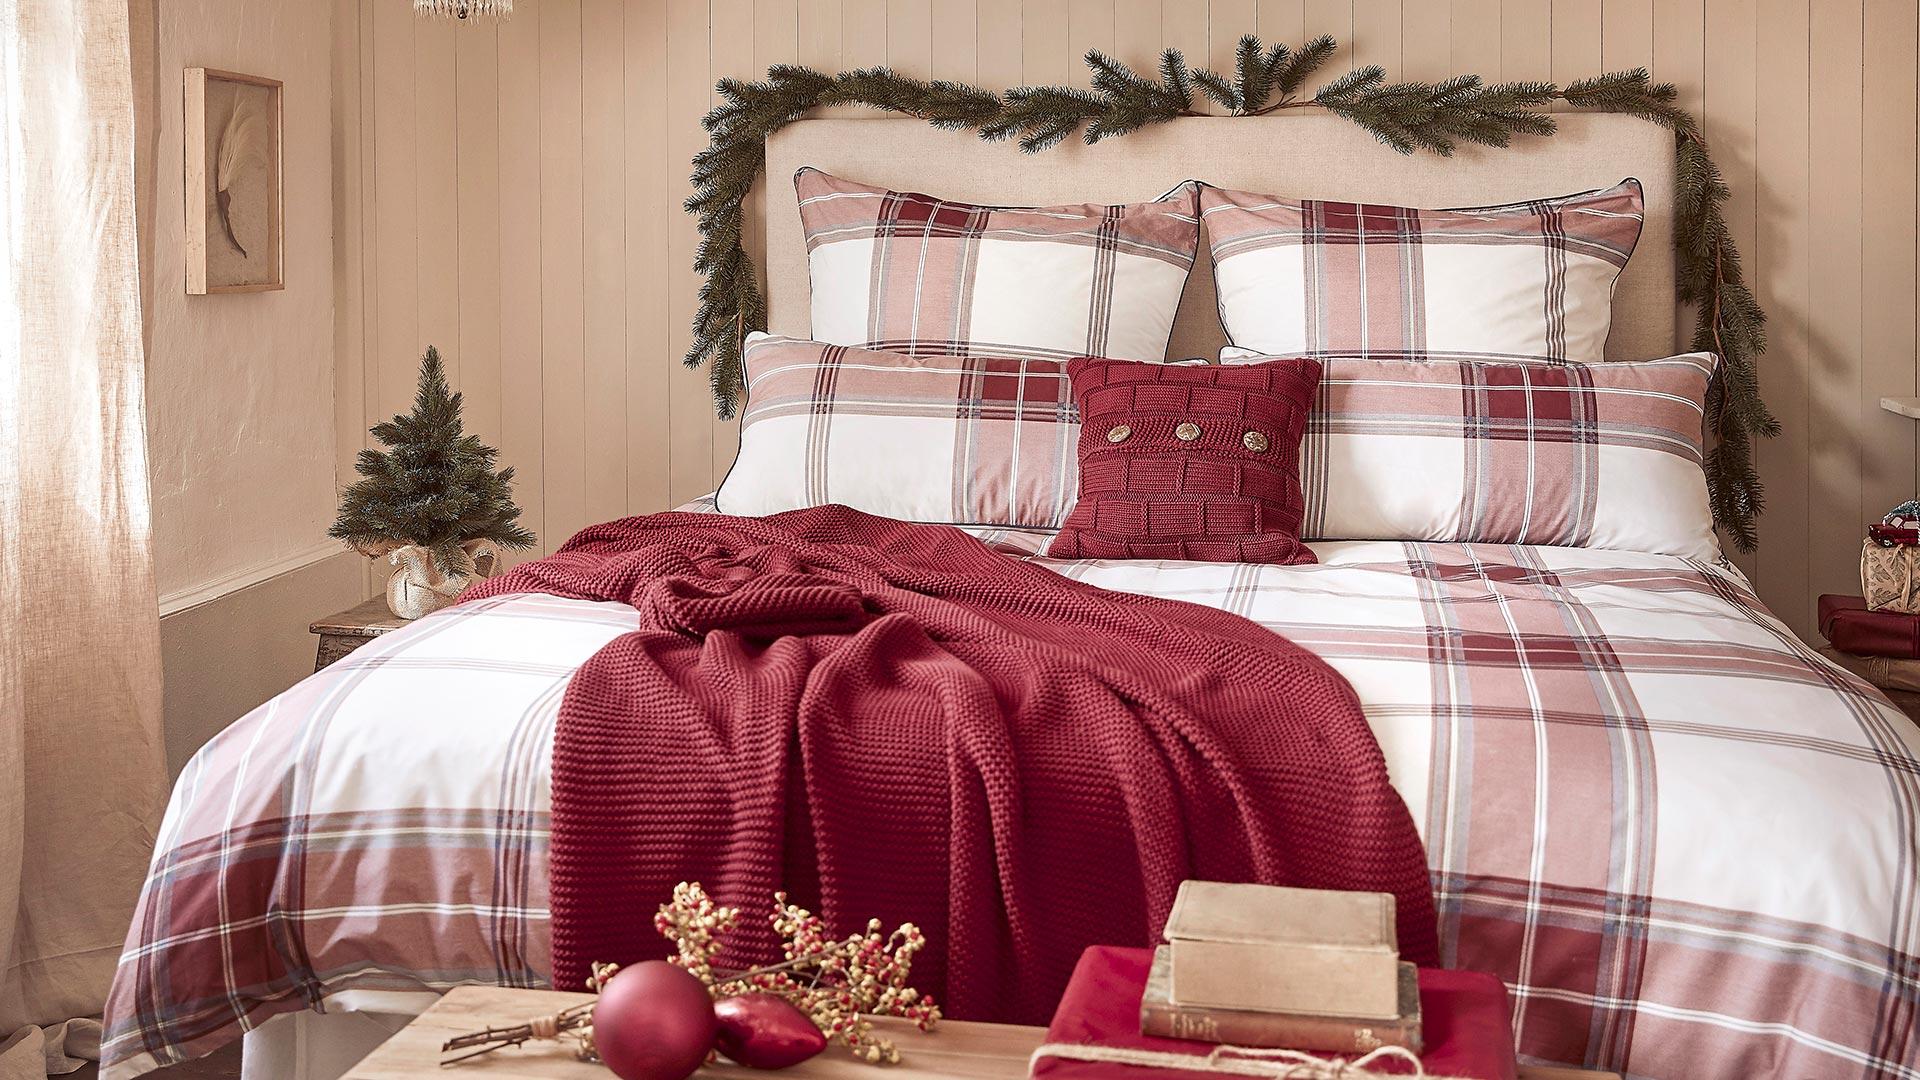 Natale in camera